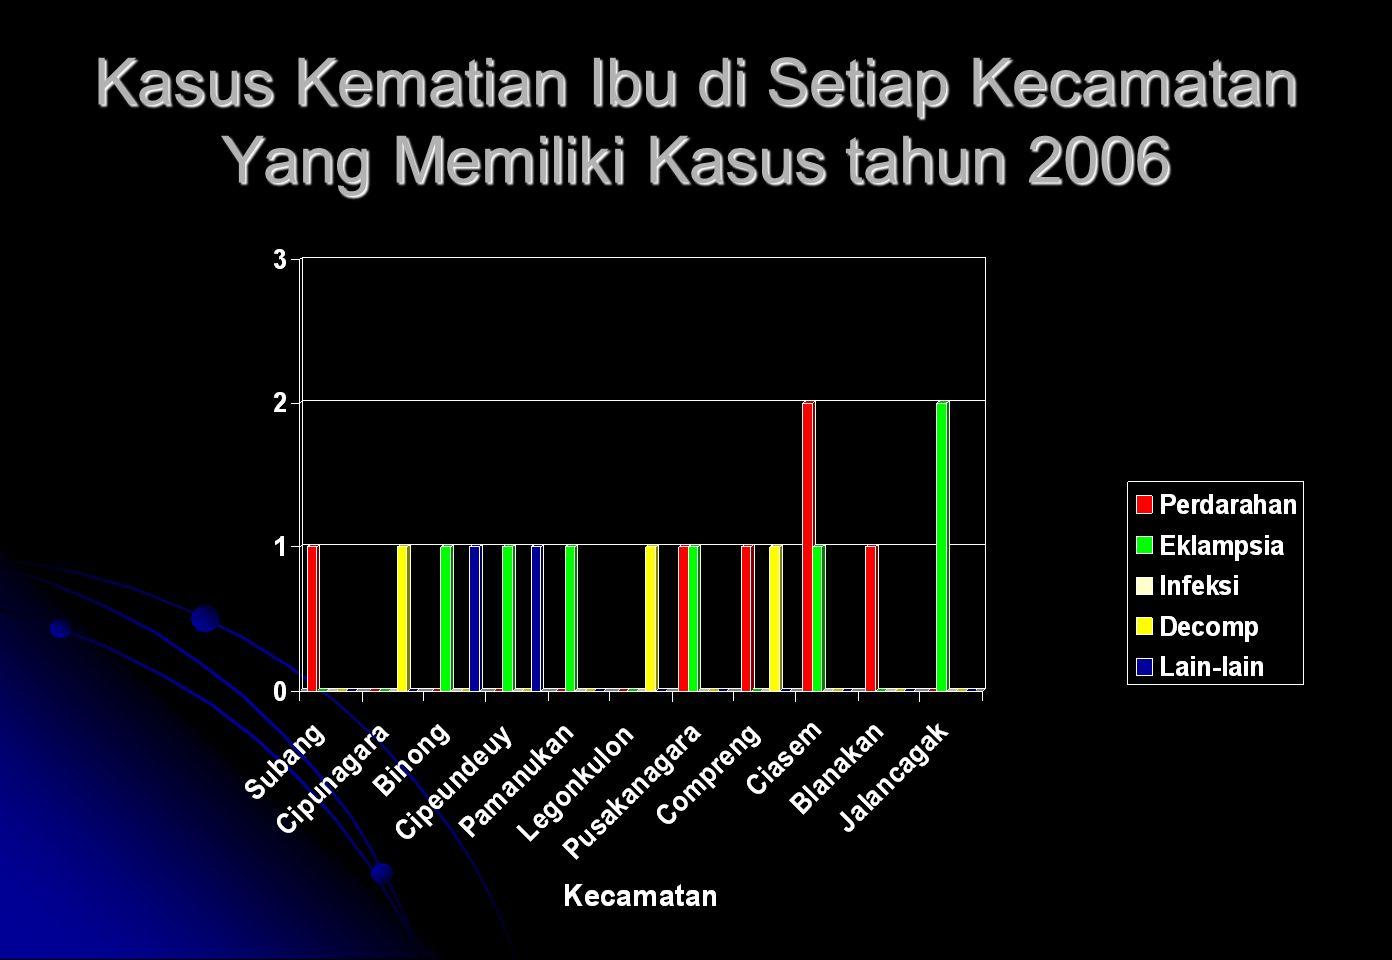 Kasus Kematian Ibu di Setiap Kecamatan Yang Memiliki Kasus tahun 2006